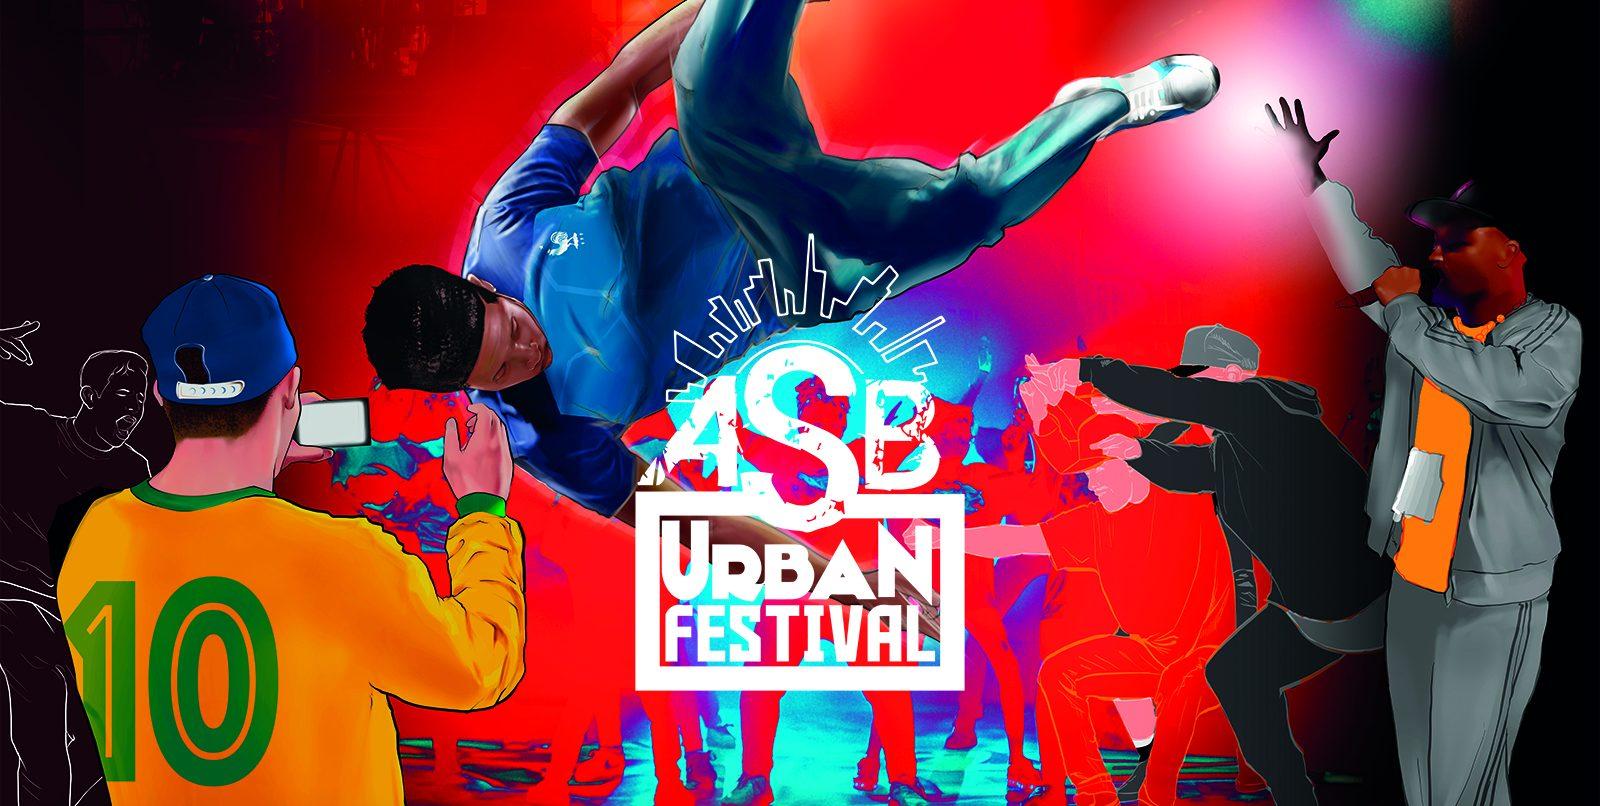 festival urbain